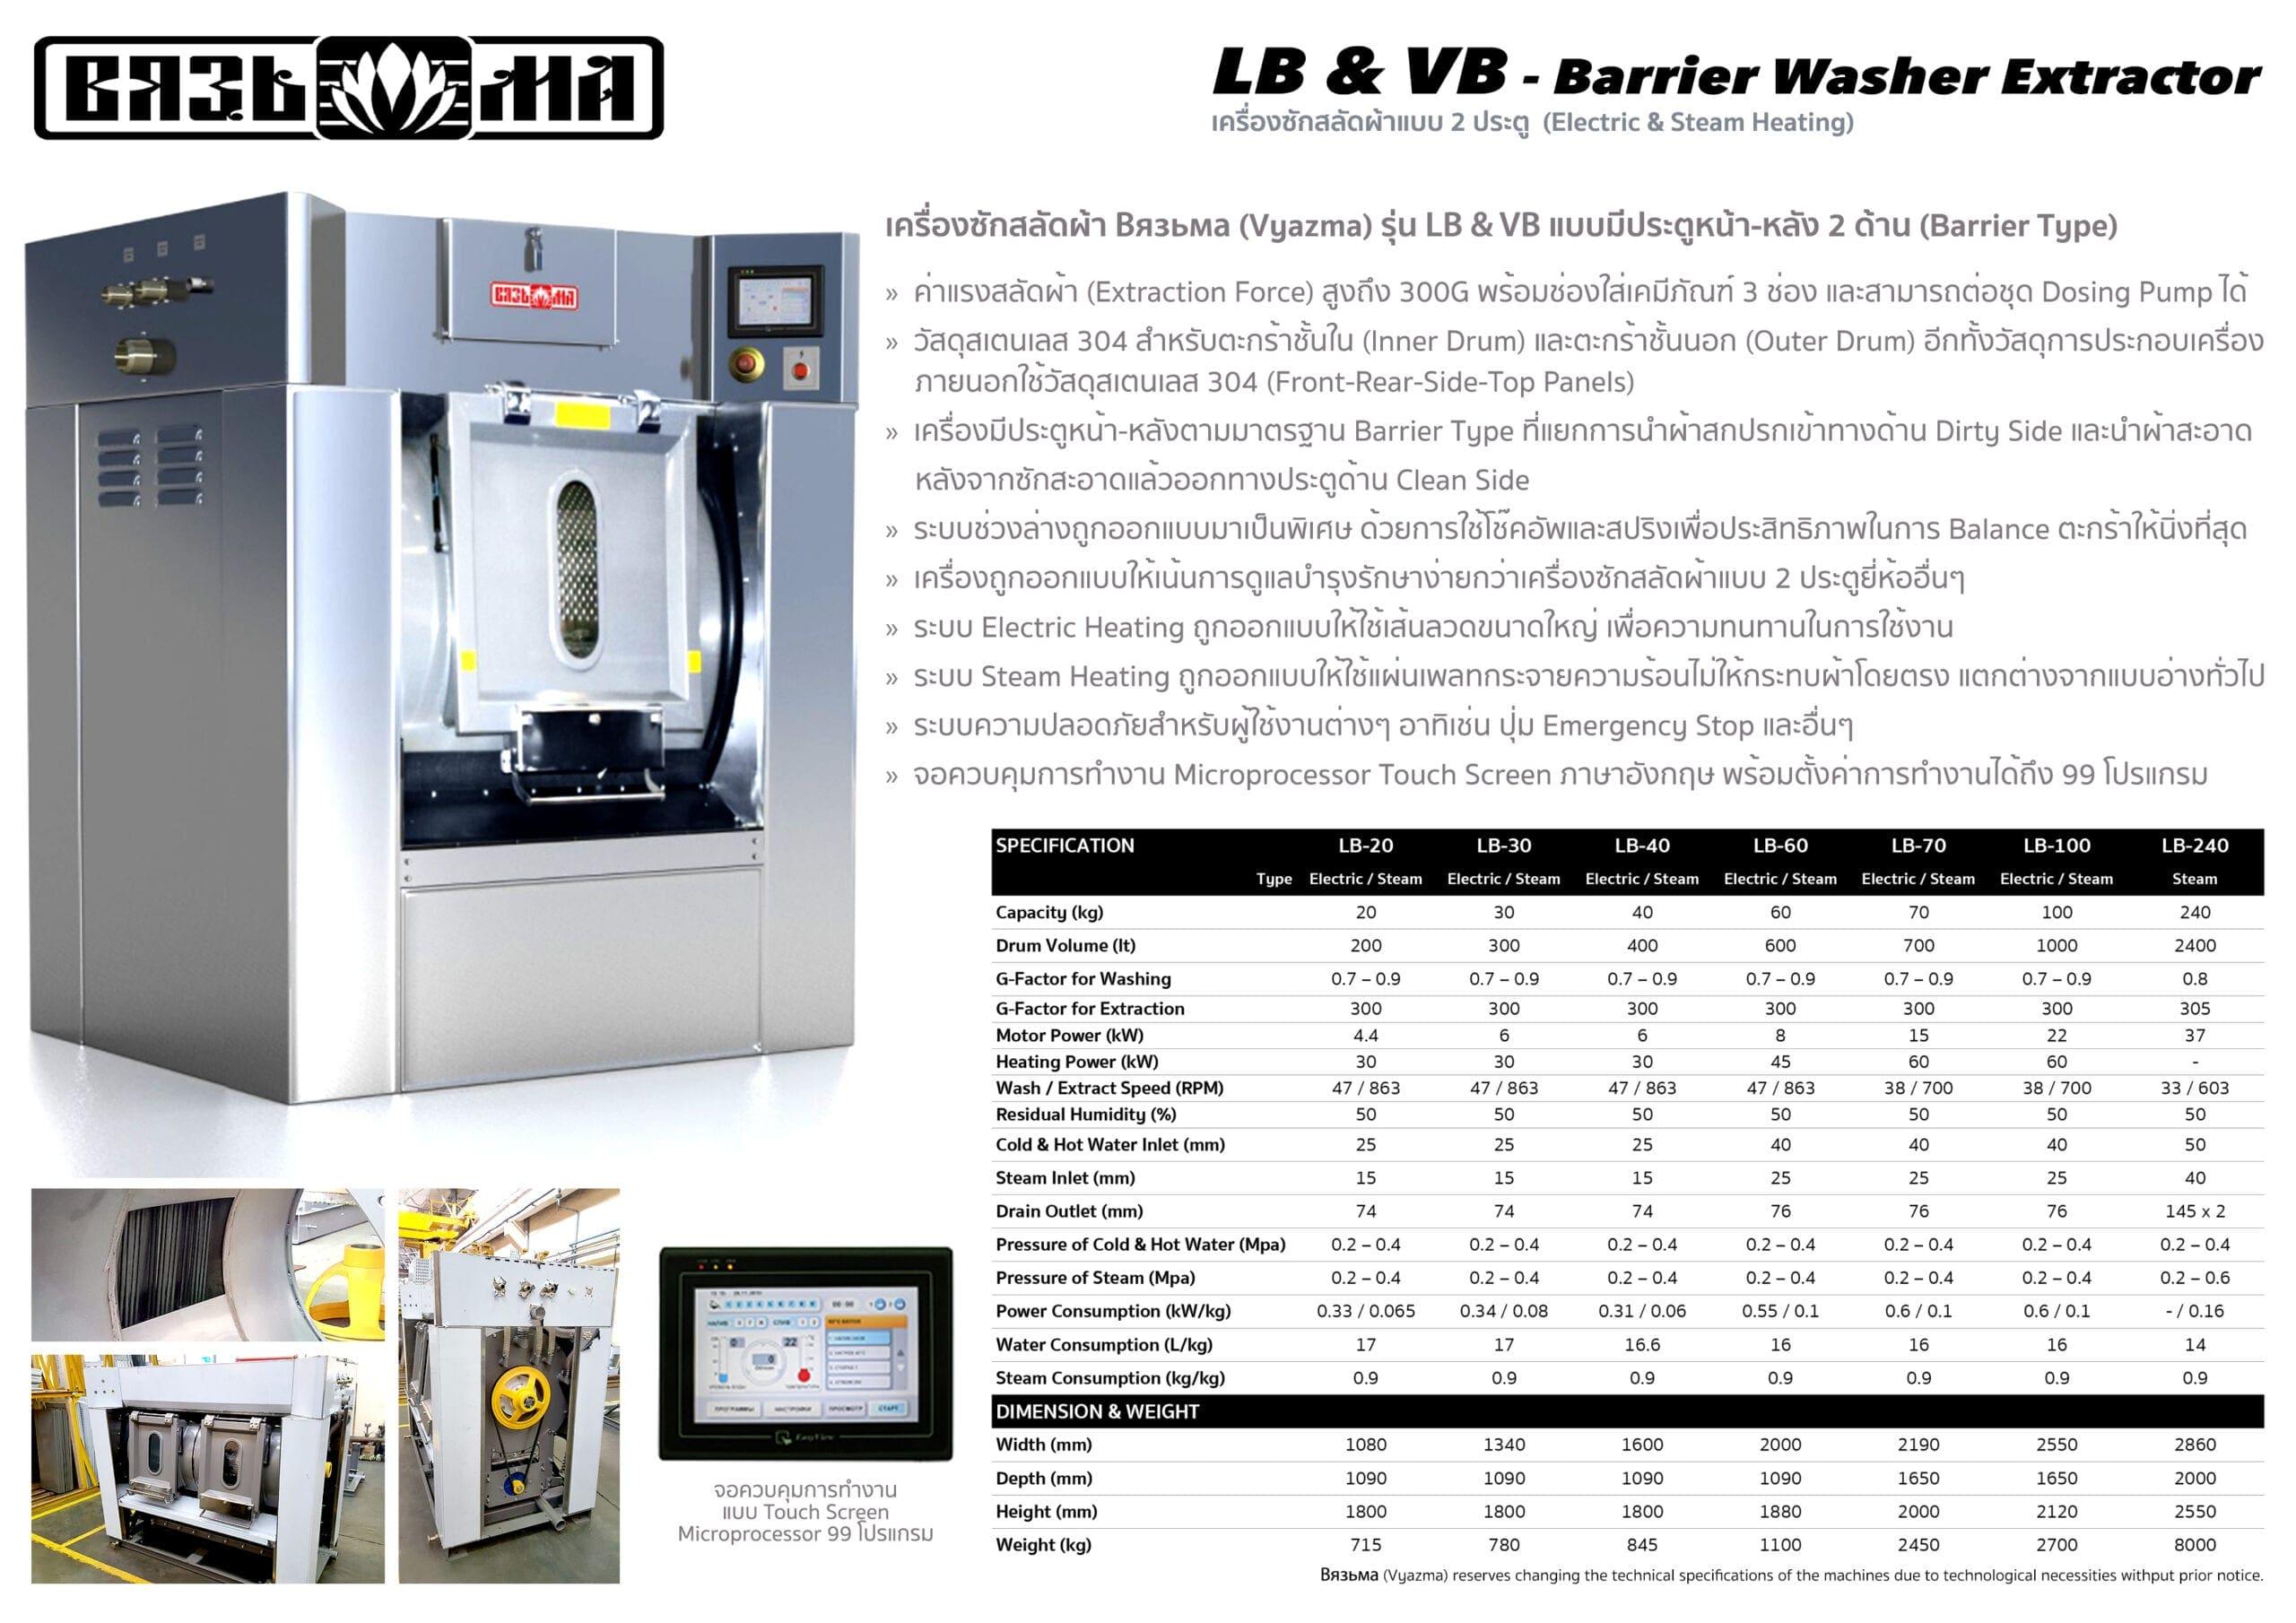 เครื่องซักสลัดผ้าอุตสาหกรรมแบบ 2 ประตู VYAZMA LB